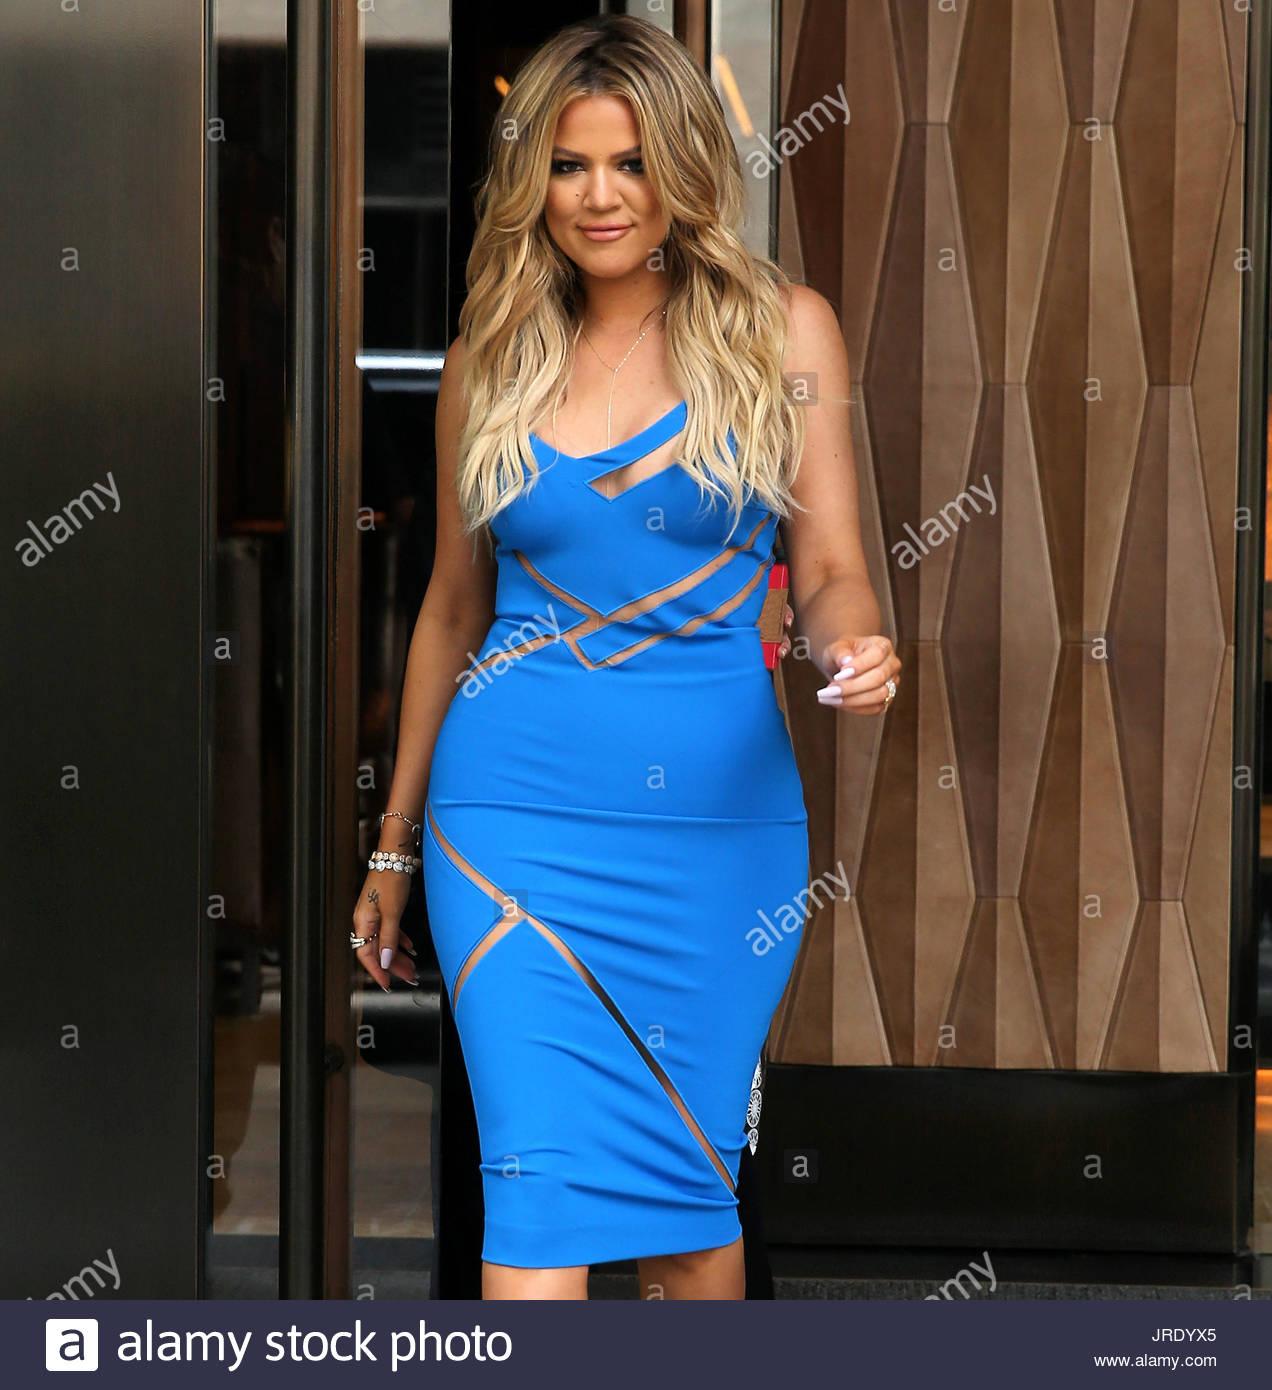 Khloe Kardashian. TV-Persönlichkeit Khloe Kardashian, trägt ein blaues Kleid Ausschnitt, verlässt Stockbild